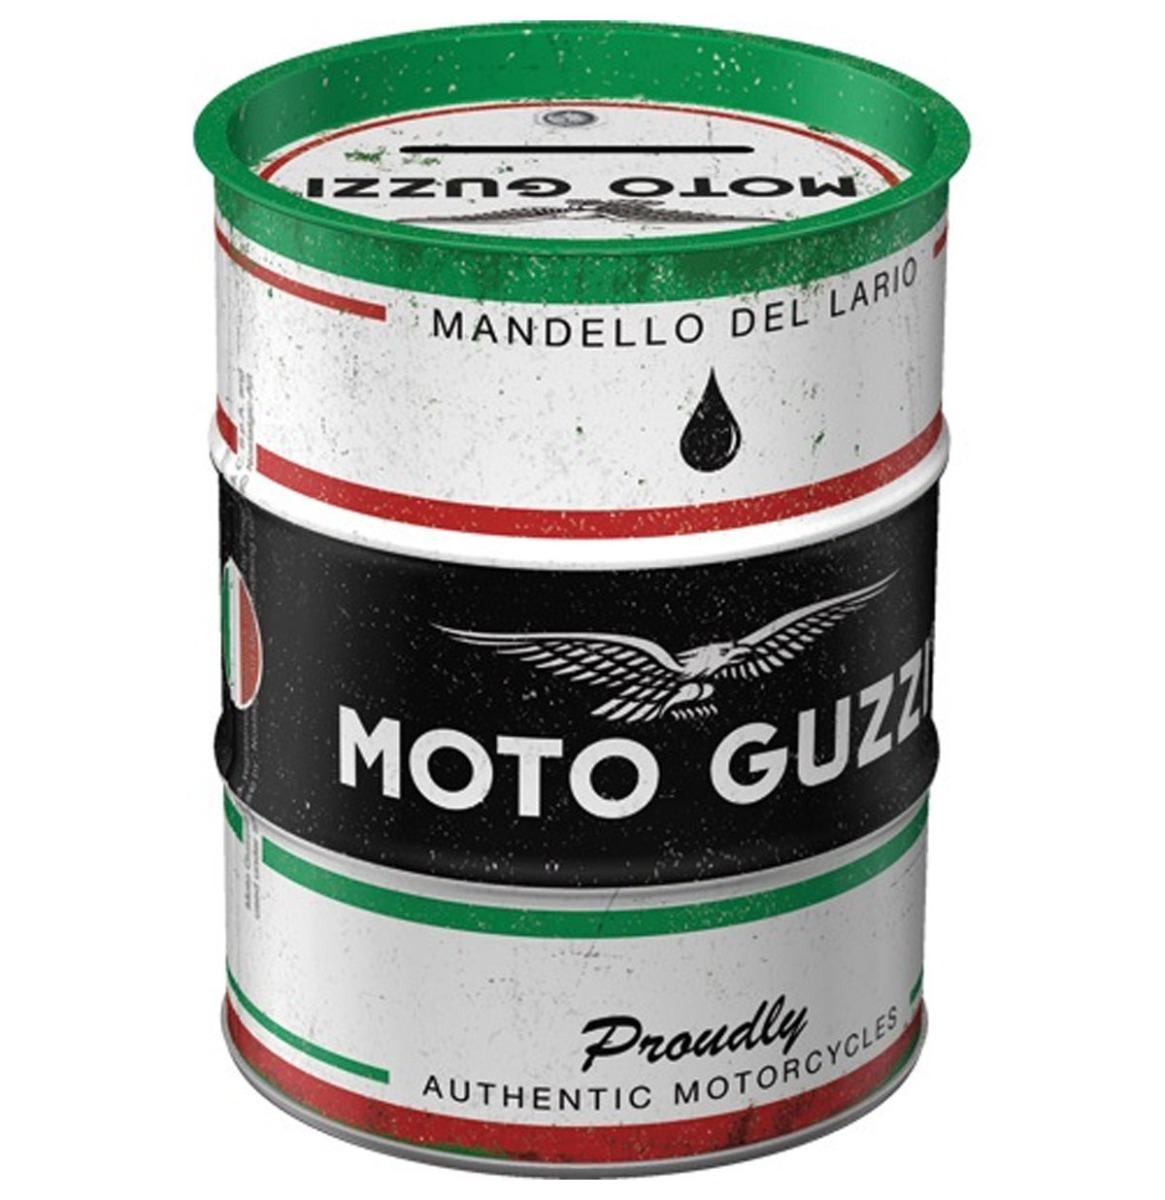 Moto Guzzi - Italian Motorcycle Olieblik Spaarpot